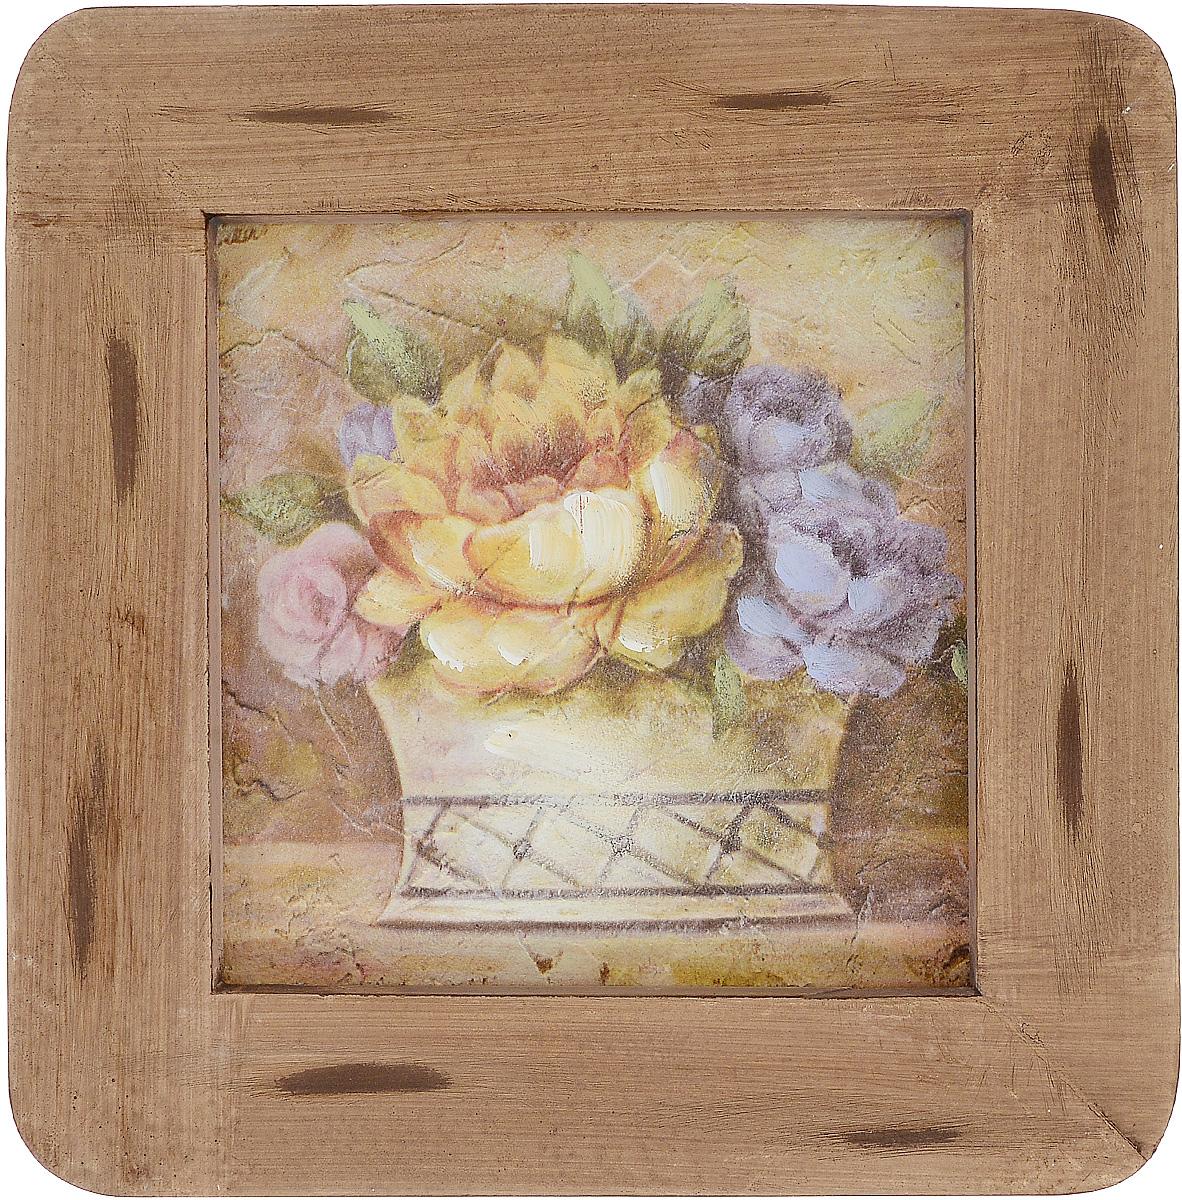 Картина-репродукция Феникс-Презент Корзинка с цветами, 20,3 х 20,3 х 1,5 см44439Картина-репродукция Феникс-презент Корзинка с цветами в рамке из МДФ выполнена печатью на бумаге с ручной подрисовкой. На оборотной стороне имеется петля для подвешивания на стену. Такая картина - вдохновляющее декоративное решение, привносящее в интерьер нотки творчества и изысканности! Благодаря оригинальному дизайну картина Корзинка с цветами дополнит интерьер любого помещения, а также сможет стать изысканным подарком для ваших друзей и близких.